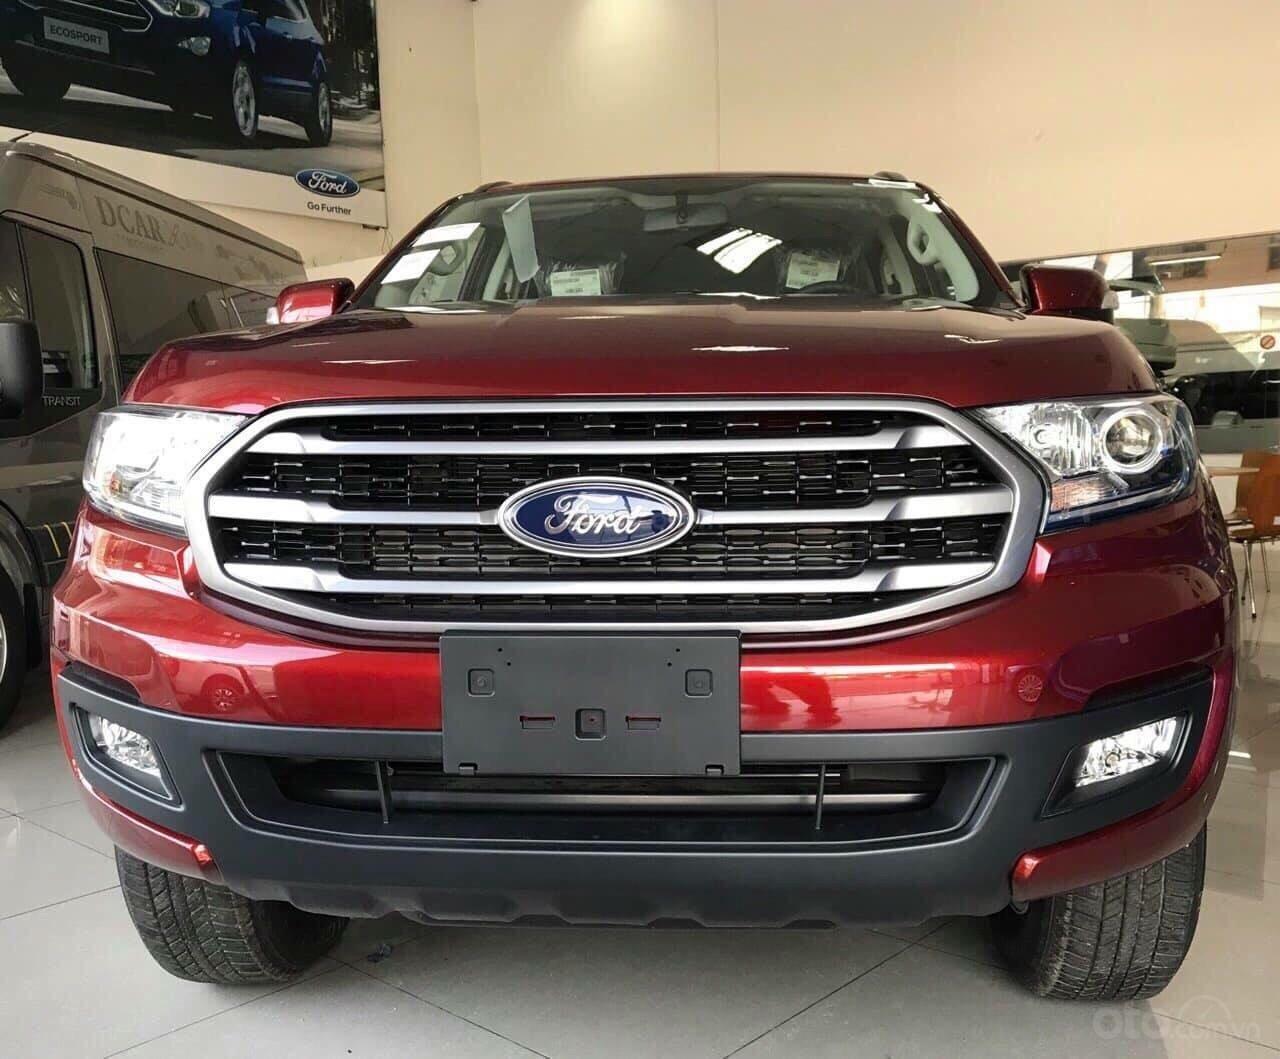 Bán ô tô Ford Everest năm sản xuất 2019, màu đỏ, nhập khẩu nguyên chiếc, giá siêu cạnh tranh (2)